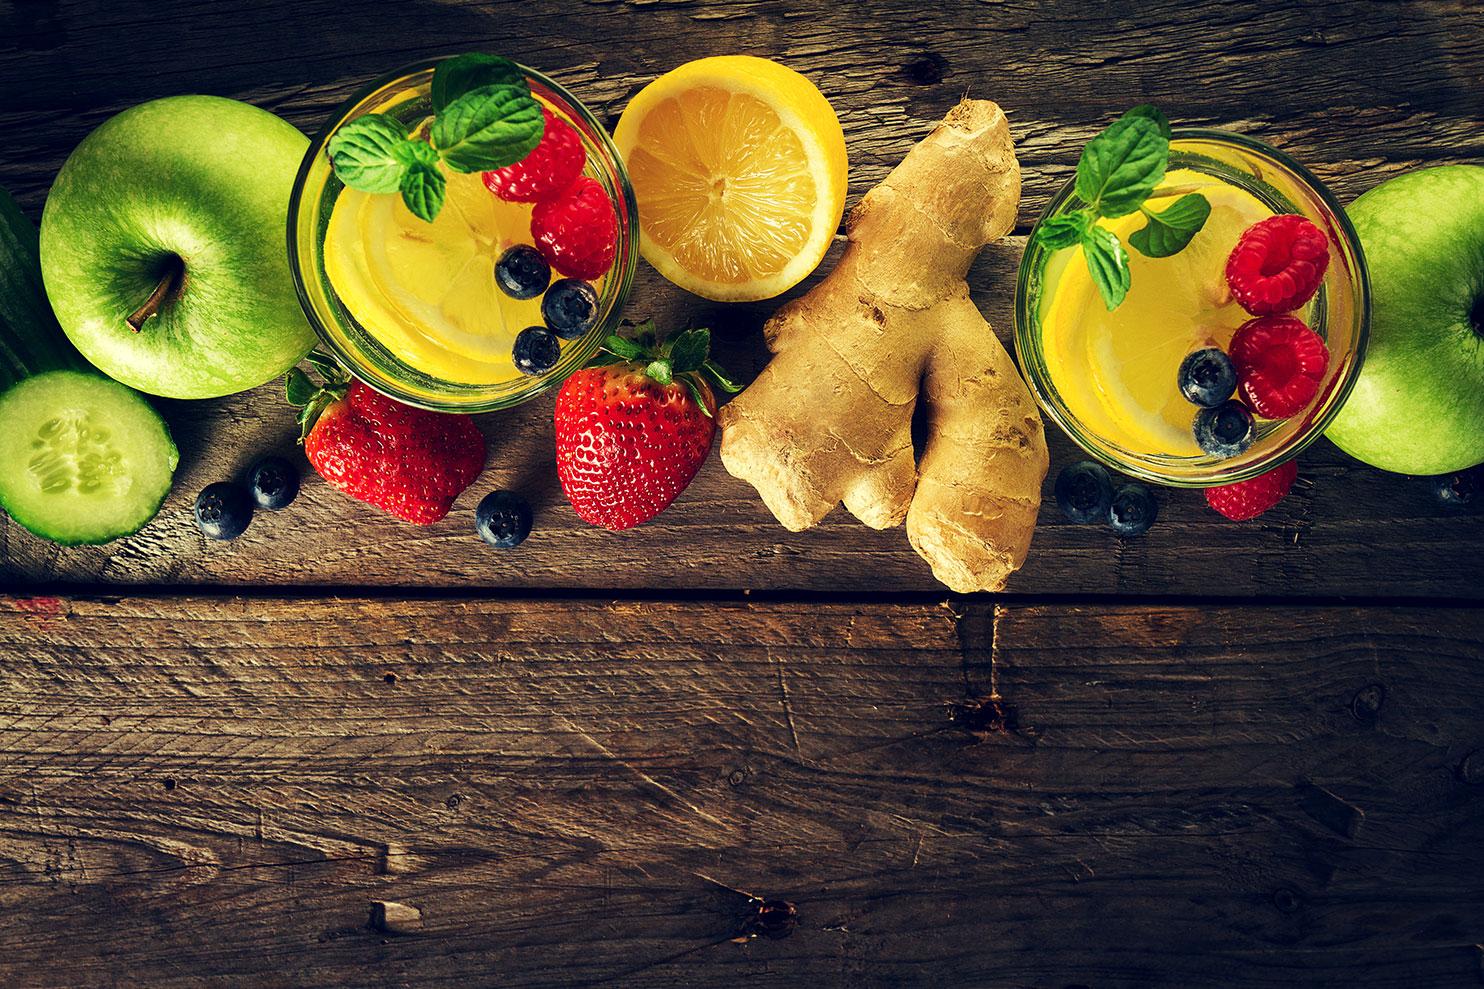 Как приготовить имбирь для похудения в домашних условиях?